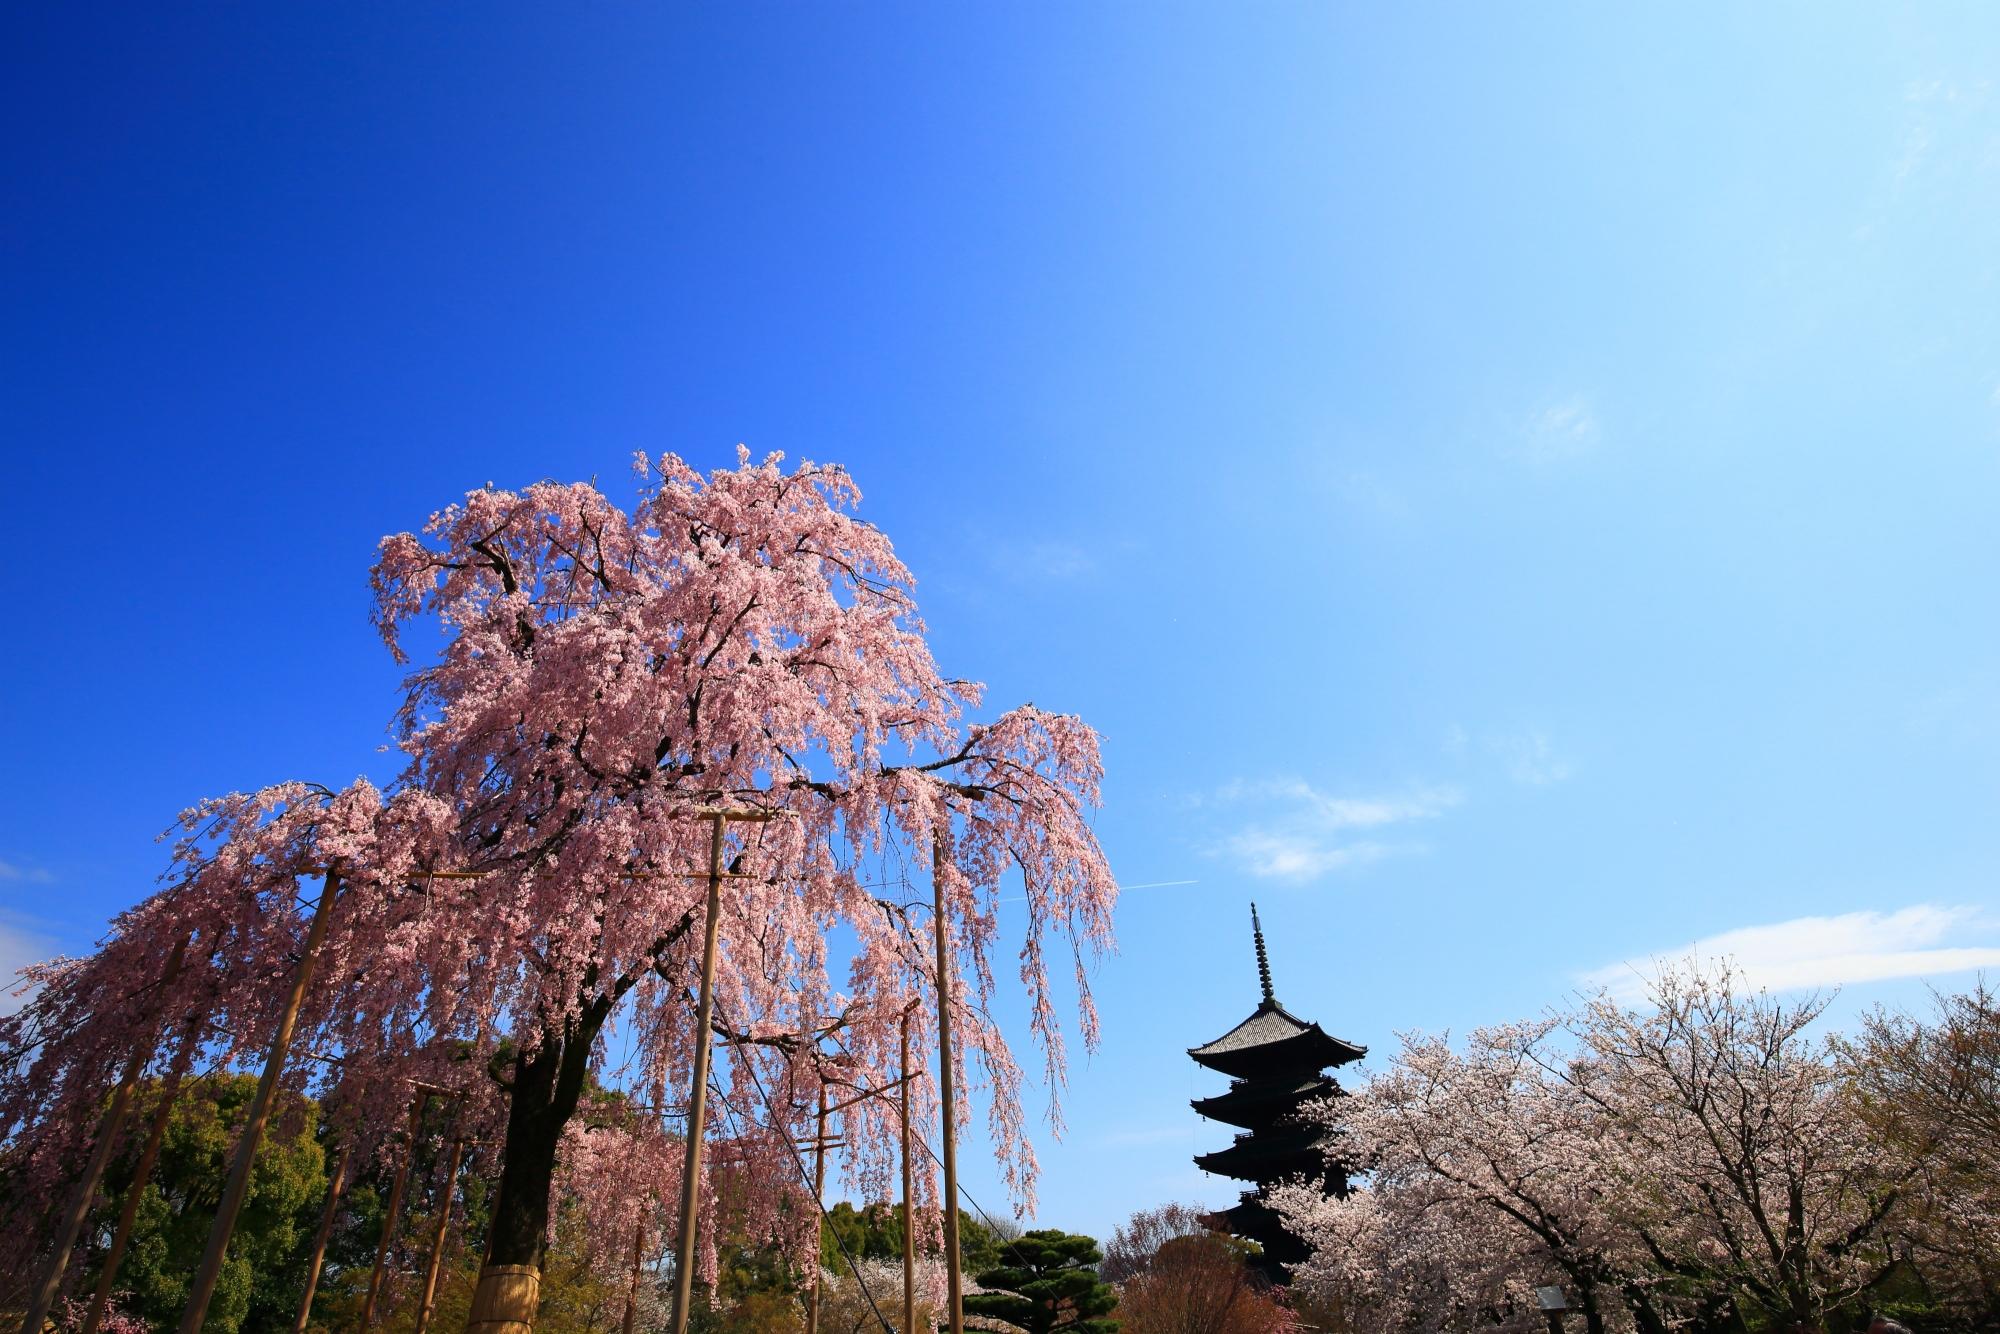 青空に映えるピンクの不二桜と佇む五重塔